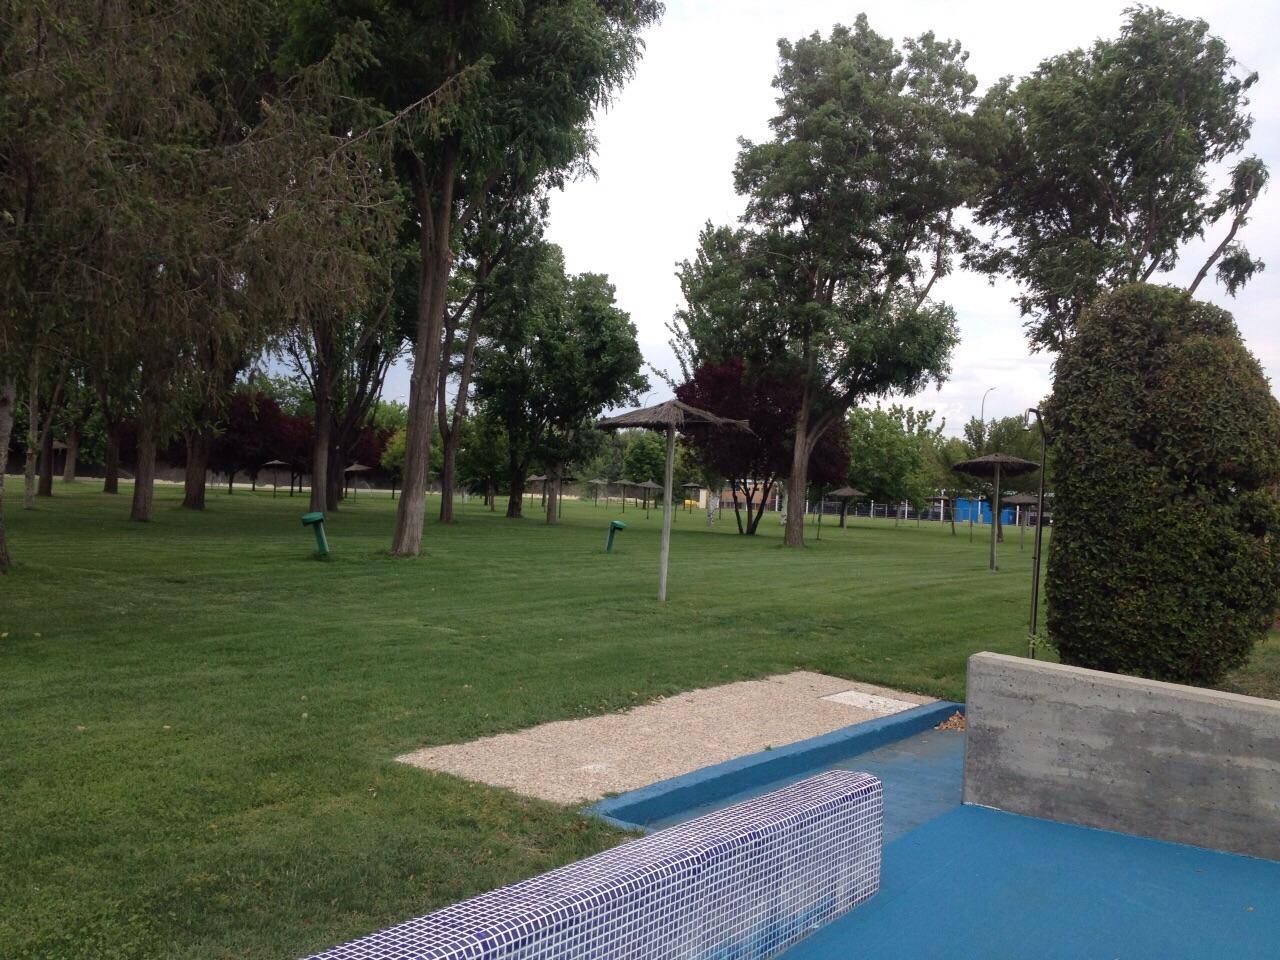 la piscina municipal de pinto abre el 13 de junio y